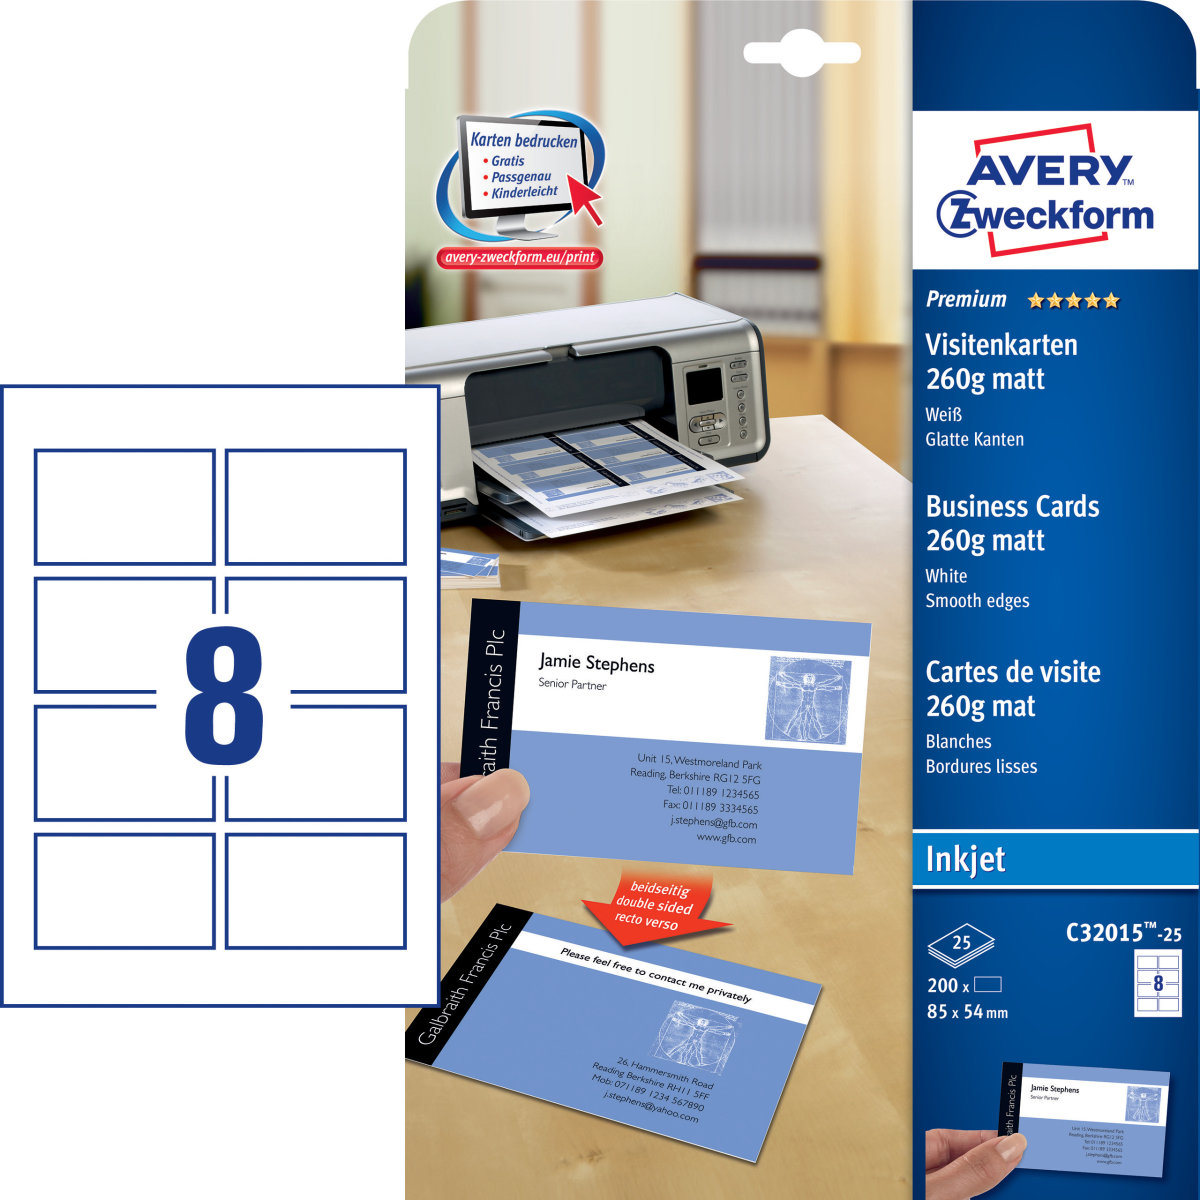 Avery C32015 visitkort, mat, inkjet, 260g